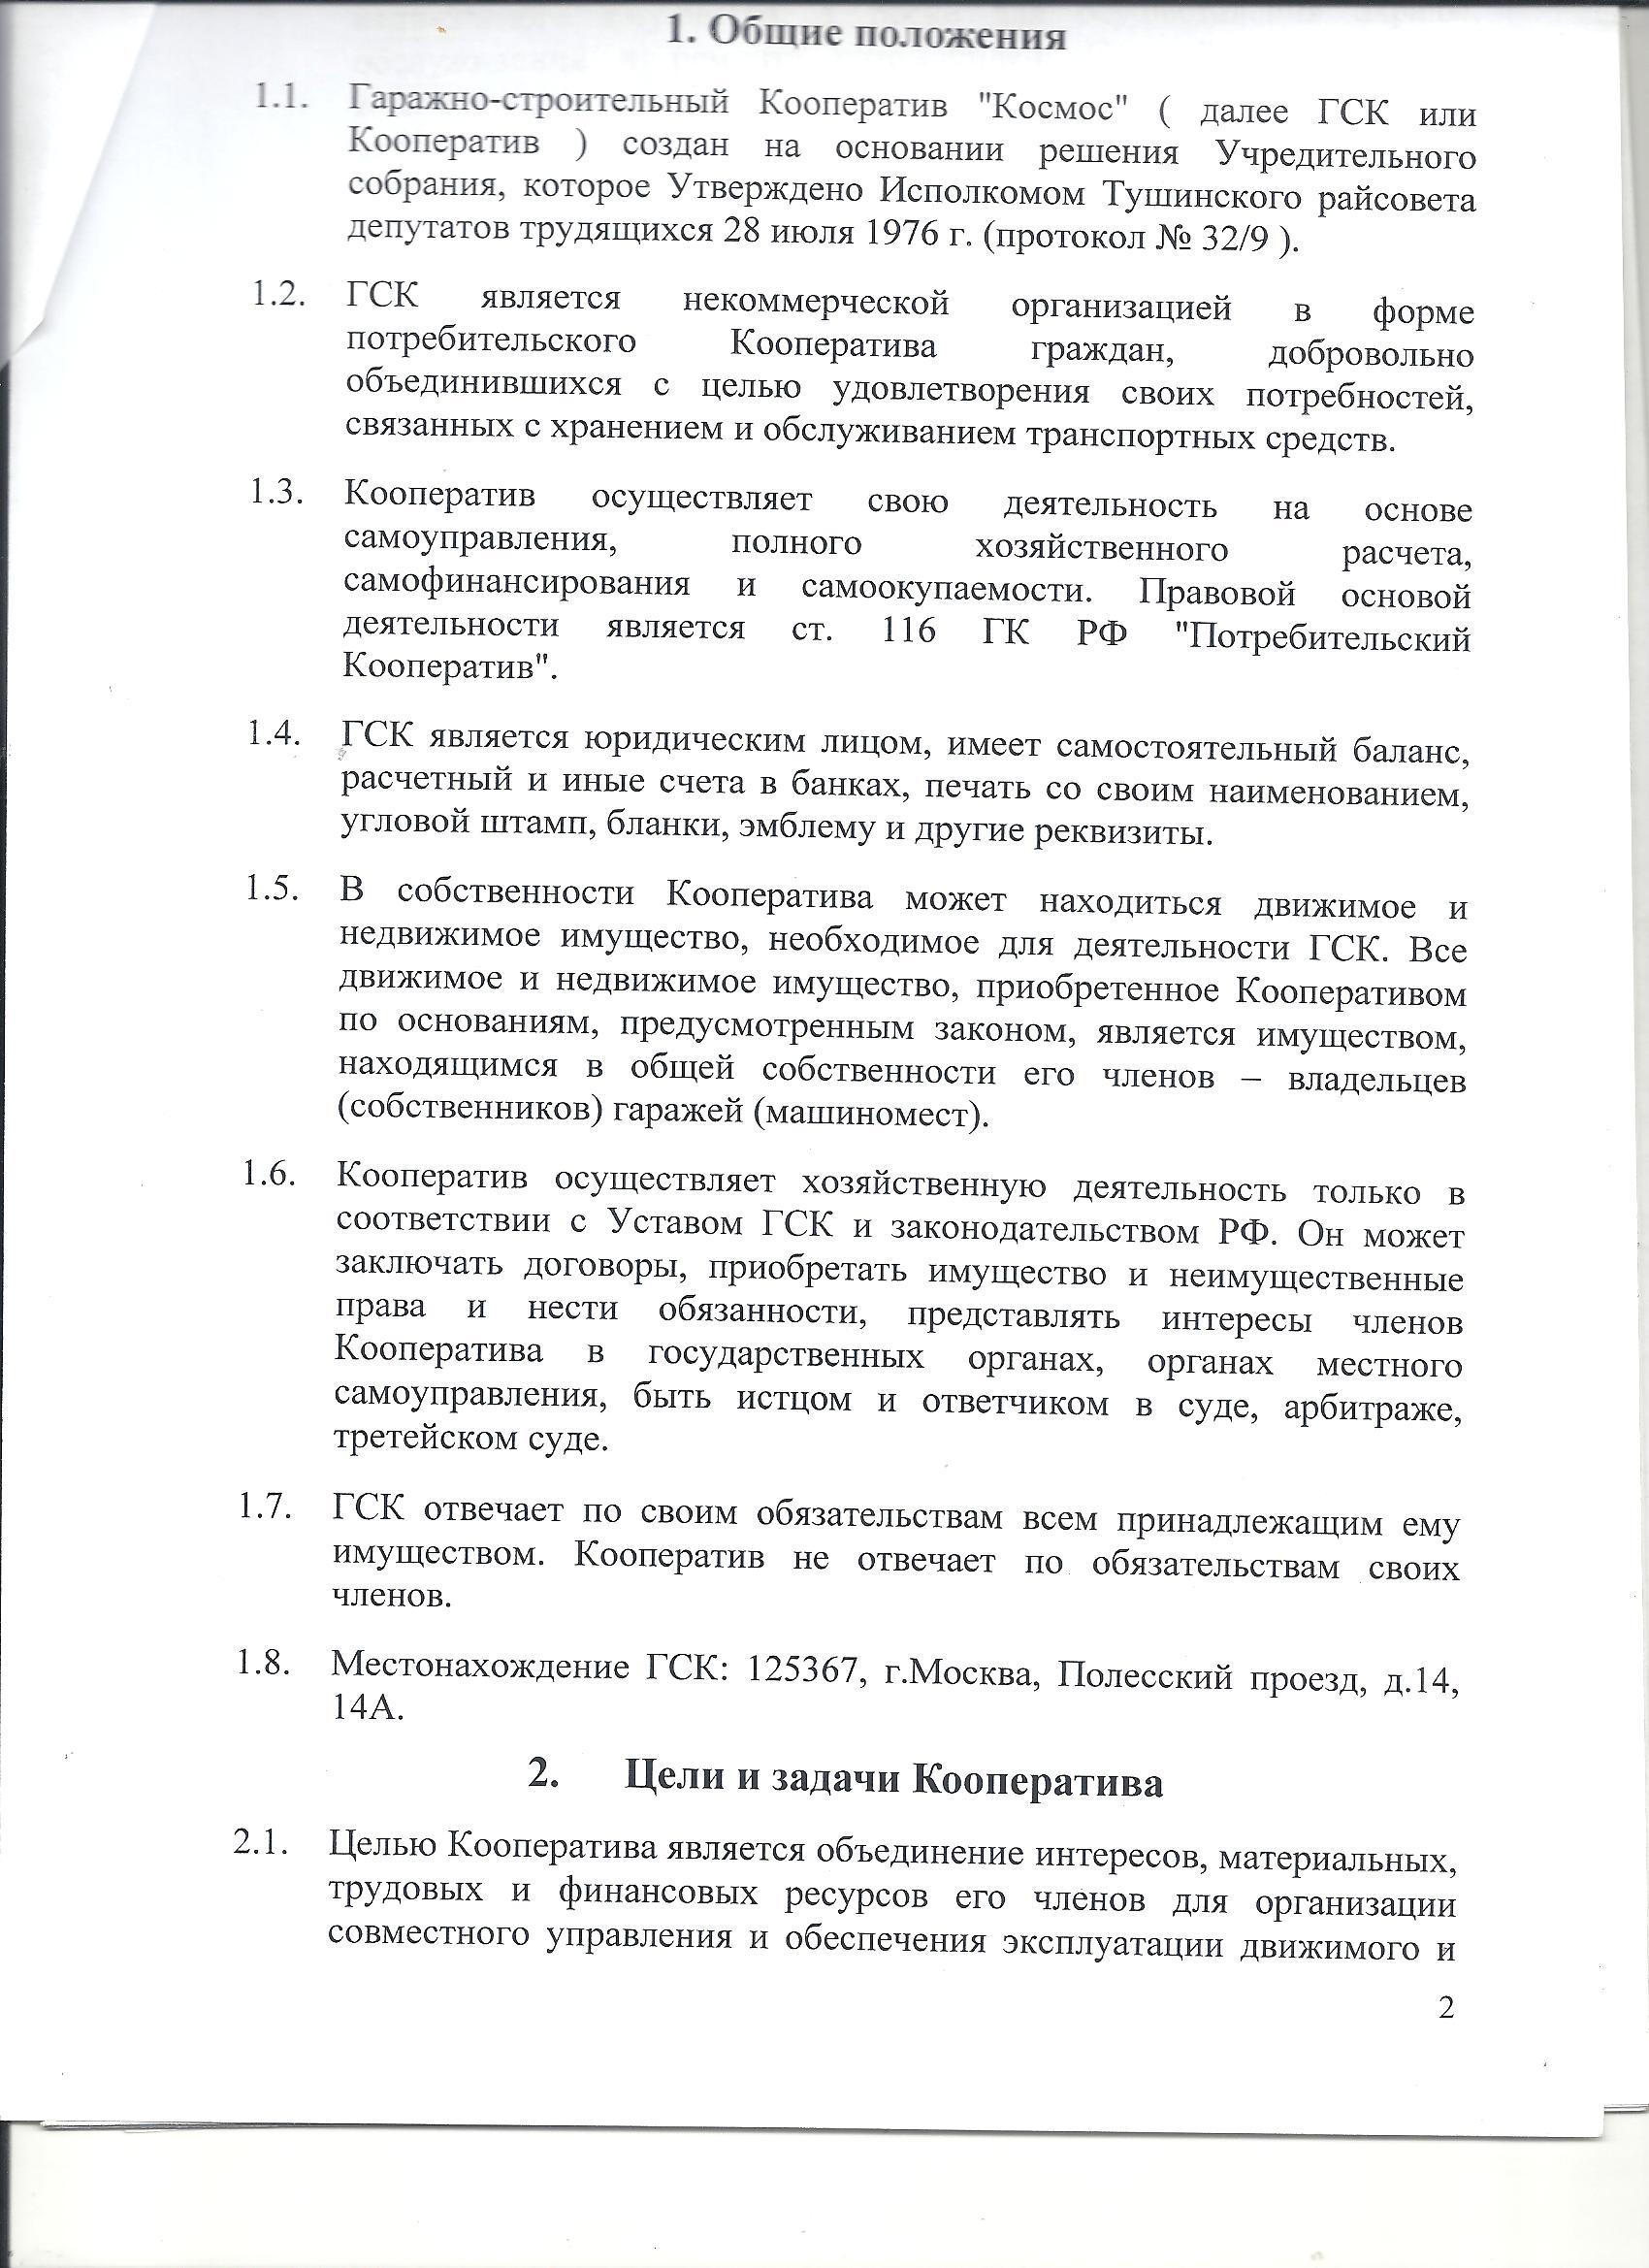 http://forumupload.ru/uploads/0018/e6/9c/2/951103.jpg